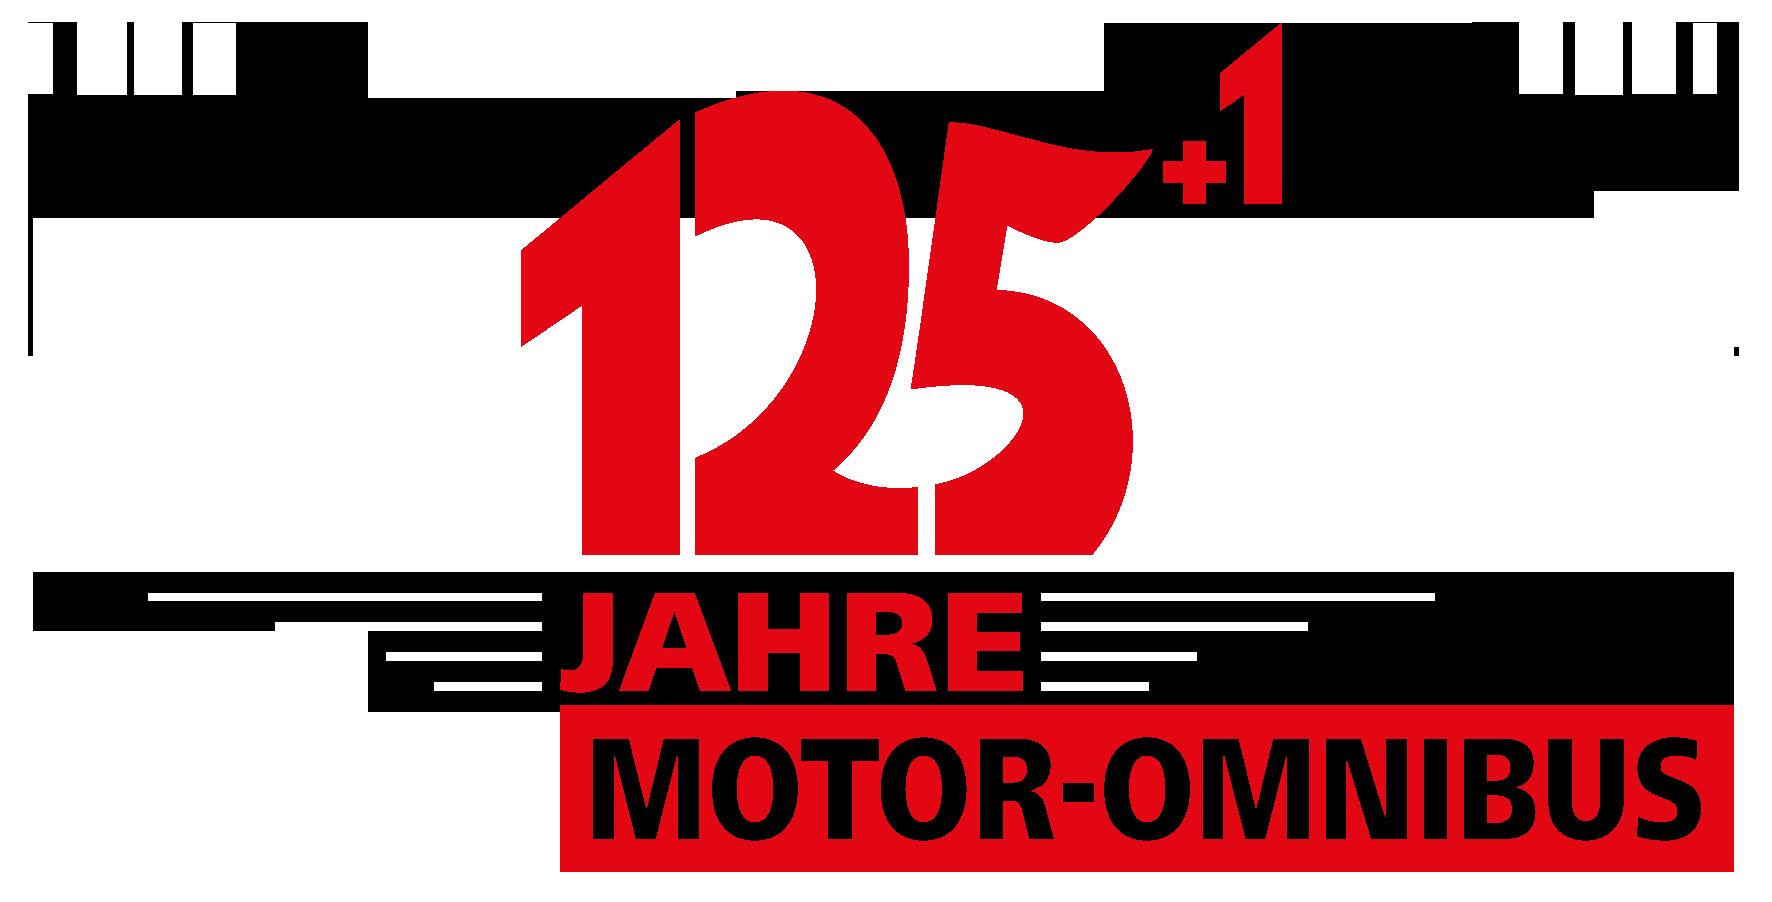 """Logo zur Jubliäumsveranstaltung """"125+1 Jahre Motor-Omnibus"""""""